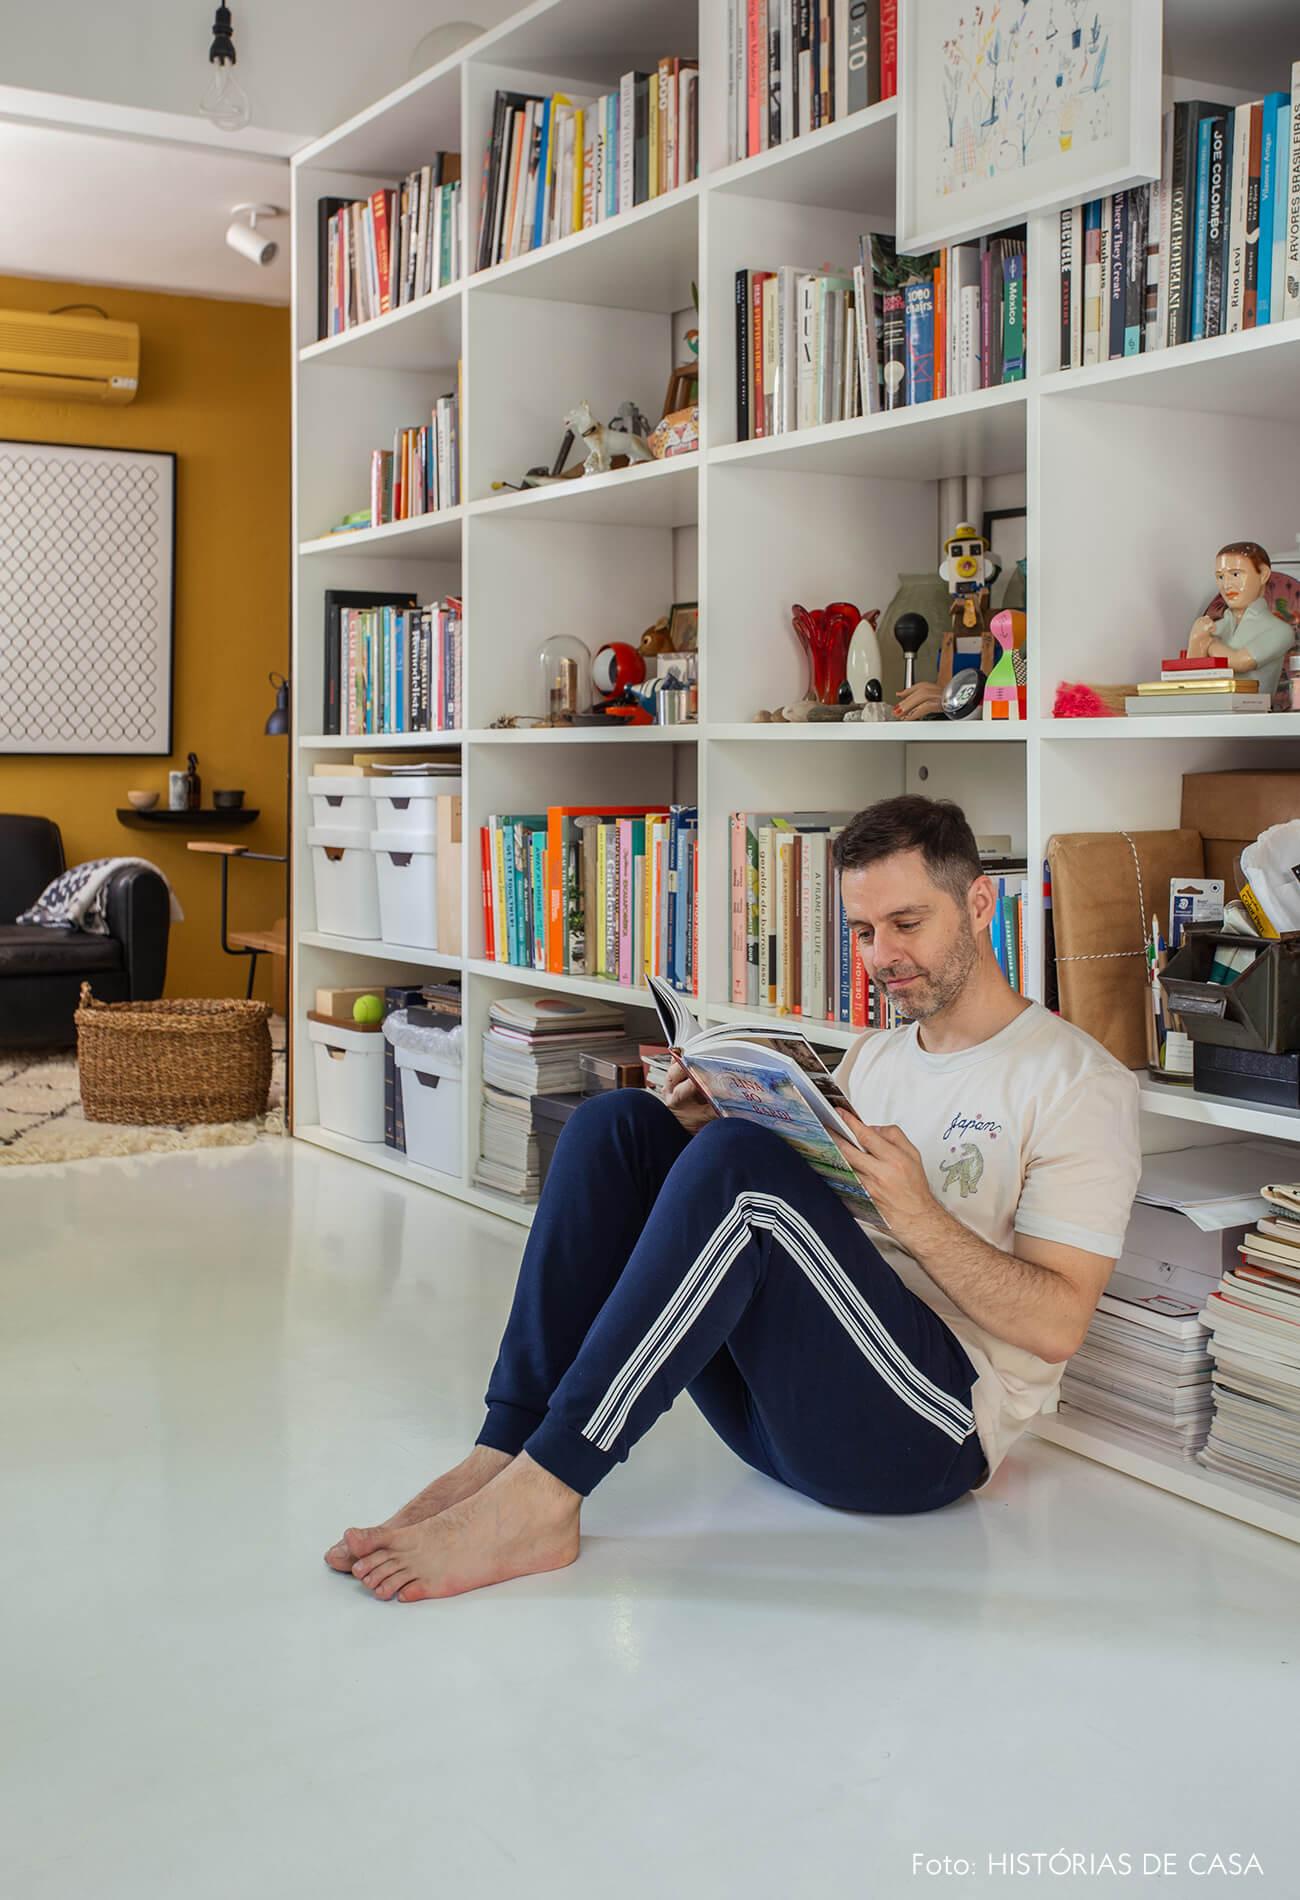 Apartamento do Maurício Arruda, cozinha com piso branco e estante com muitos objetos